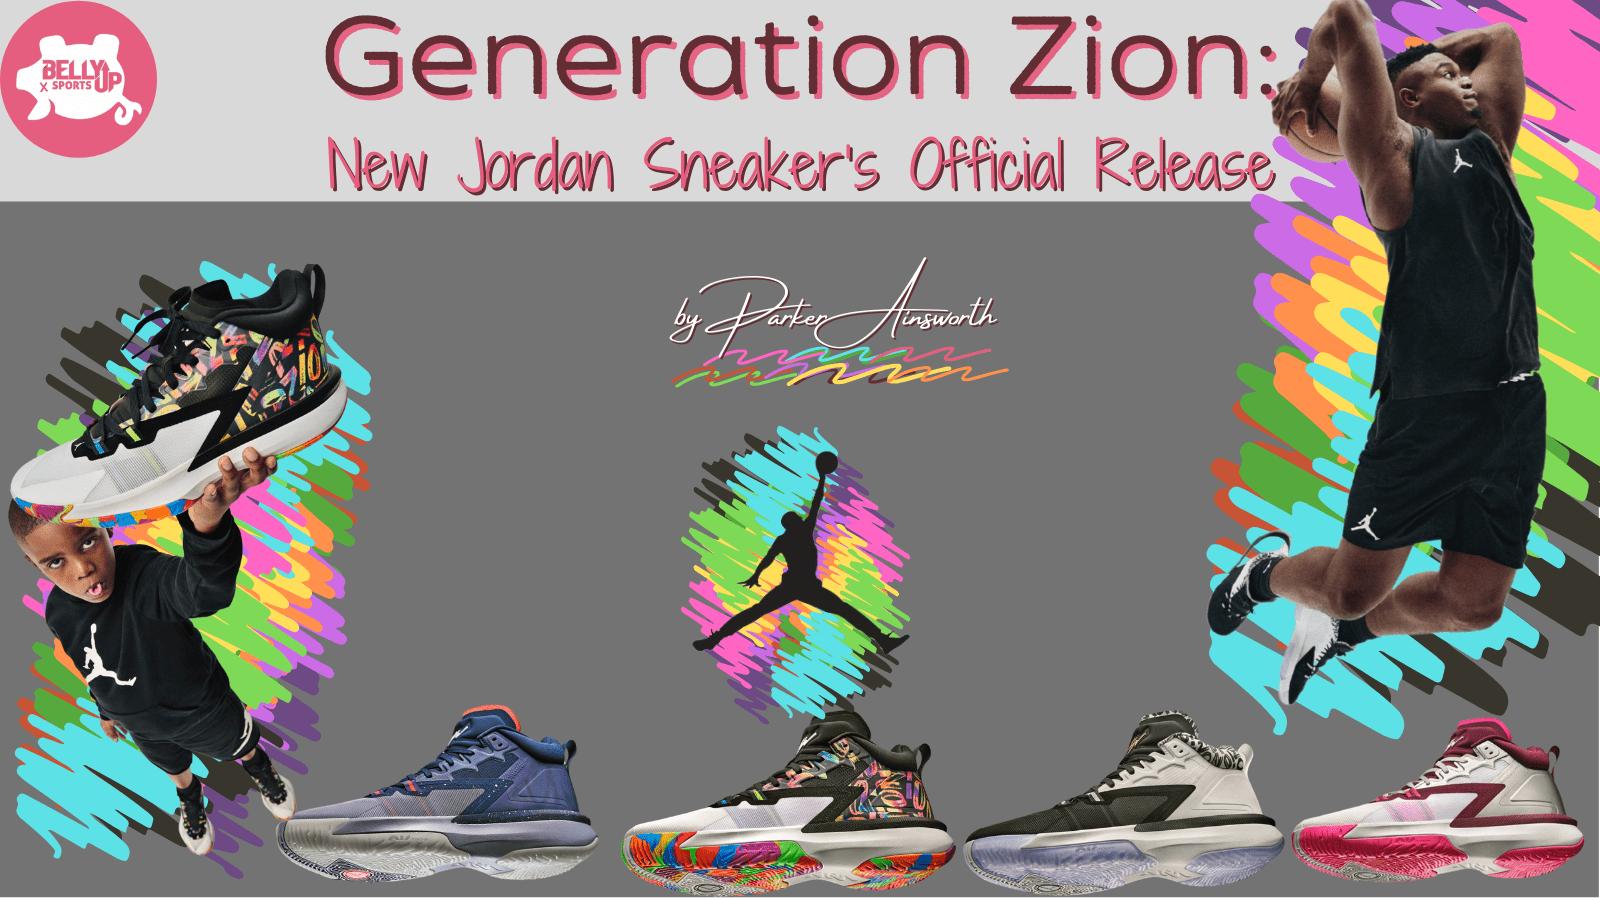 Generation Zion: New Jordan Sneaker's Official Release